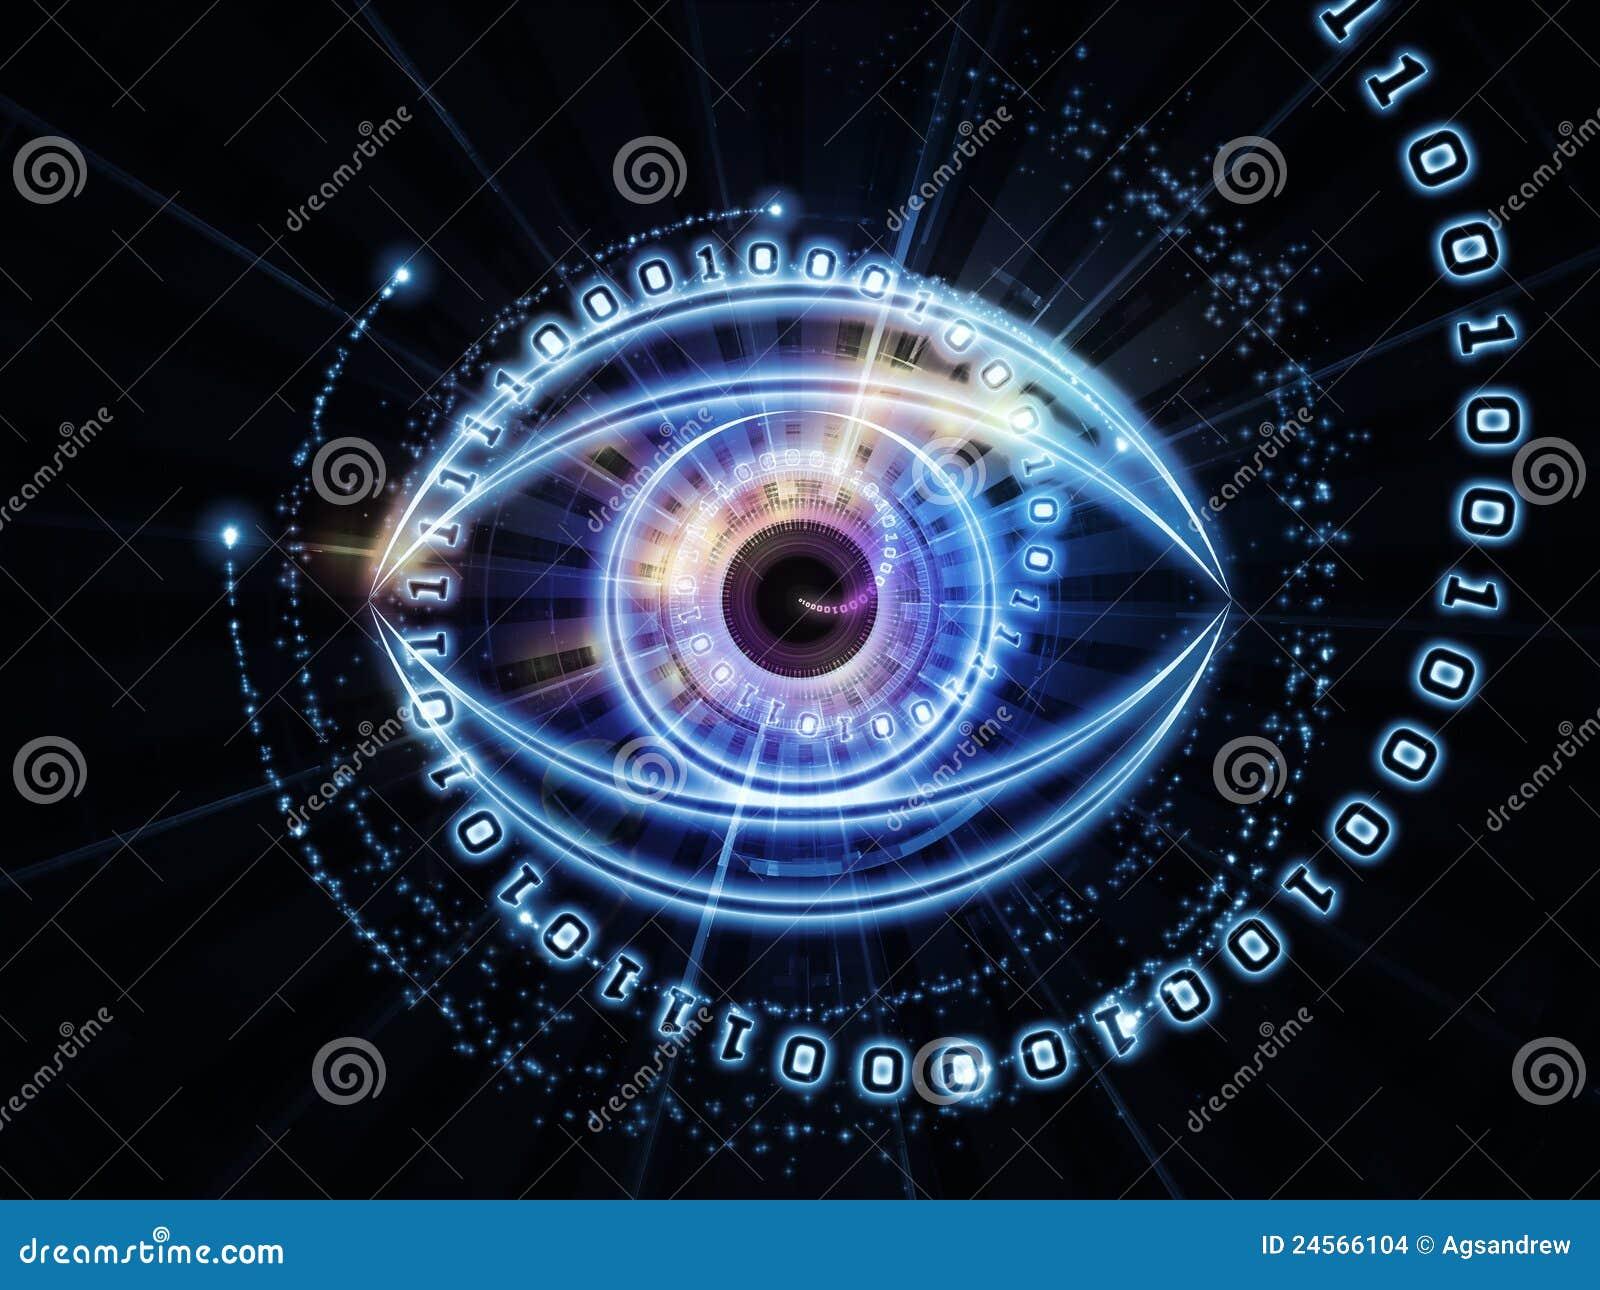 抽象人为,虚拟组成的设计数字式要素眼睛分数维想象智能机械隐喻现代图片